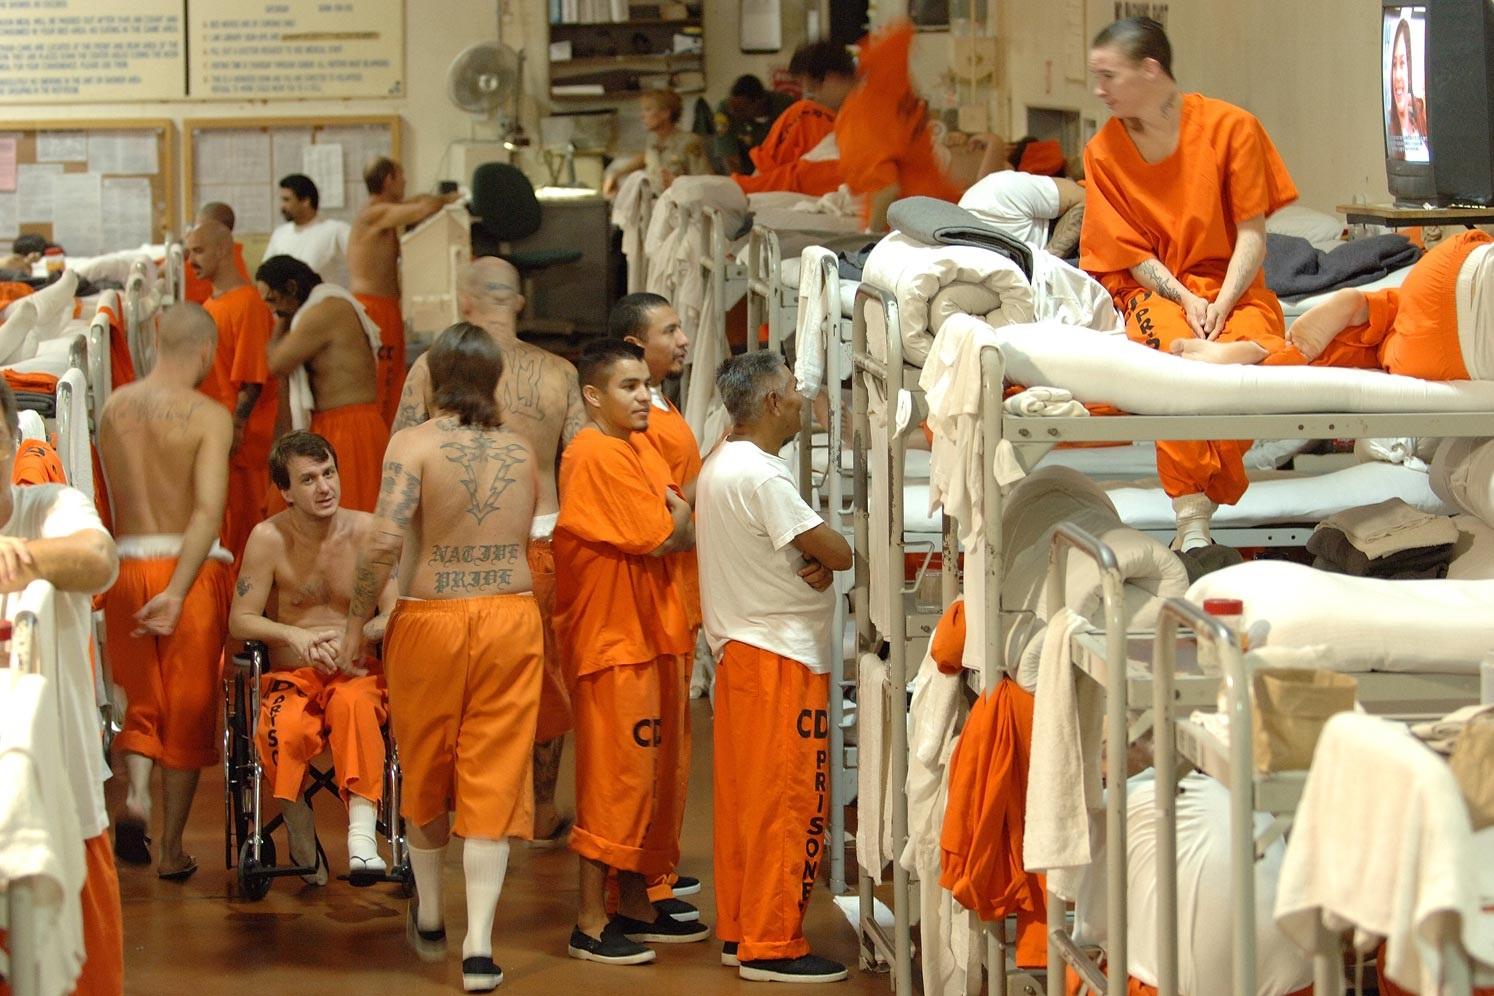 دستورات تند اداره زندان های آمریکا برای جلوگیری از شورش در اعتراض به قتل جورج فلوید